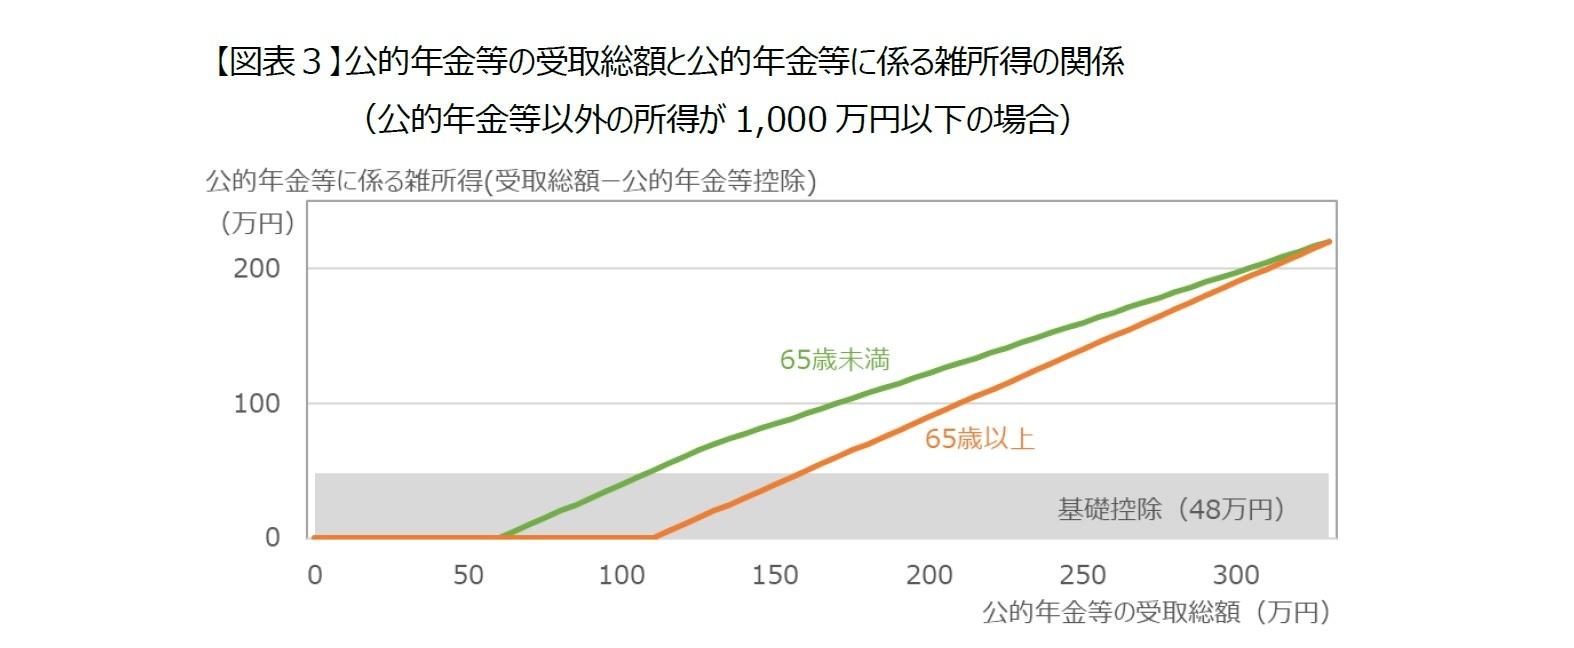 【図表3】公的年金等の受取総額と公的年金等に係る雑所得の関係(公的年金等以外の所得が1,000万円以下の場合)